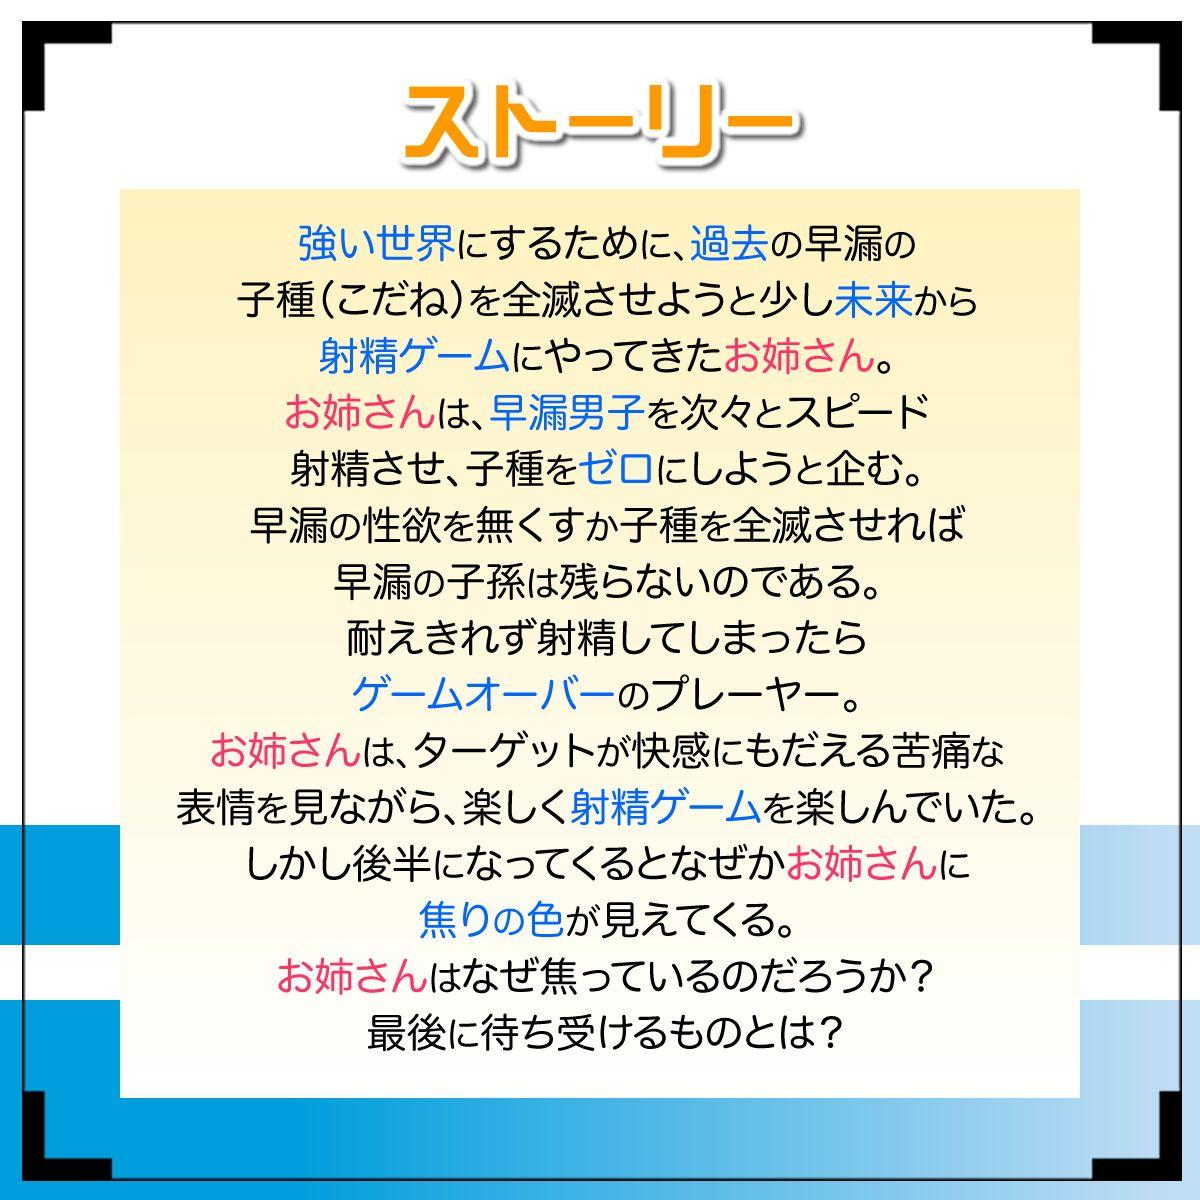 マゾ向け エロ ASMR